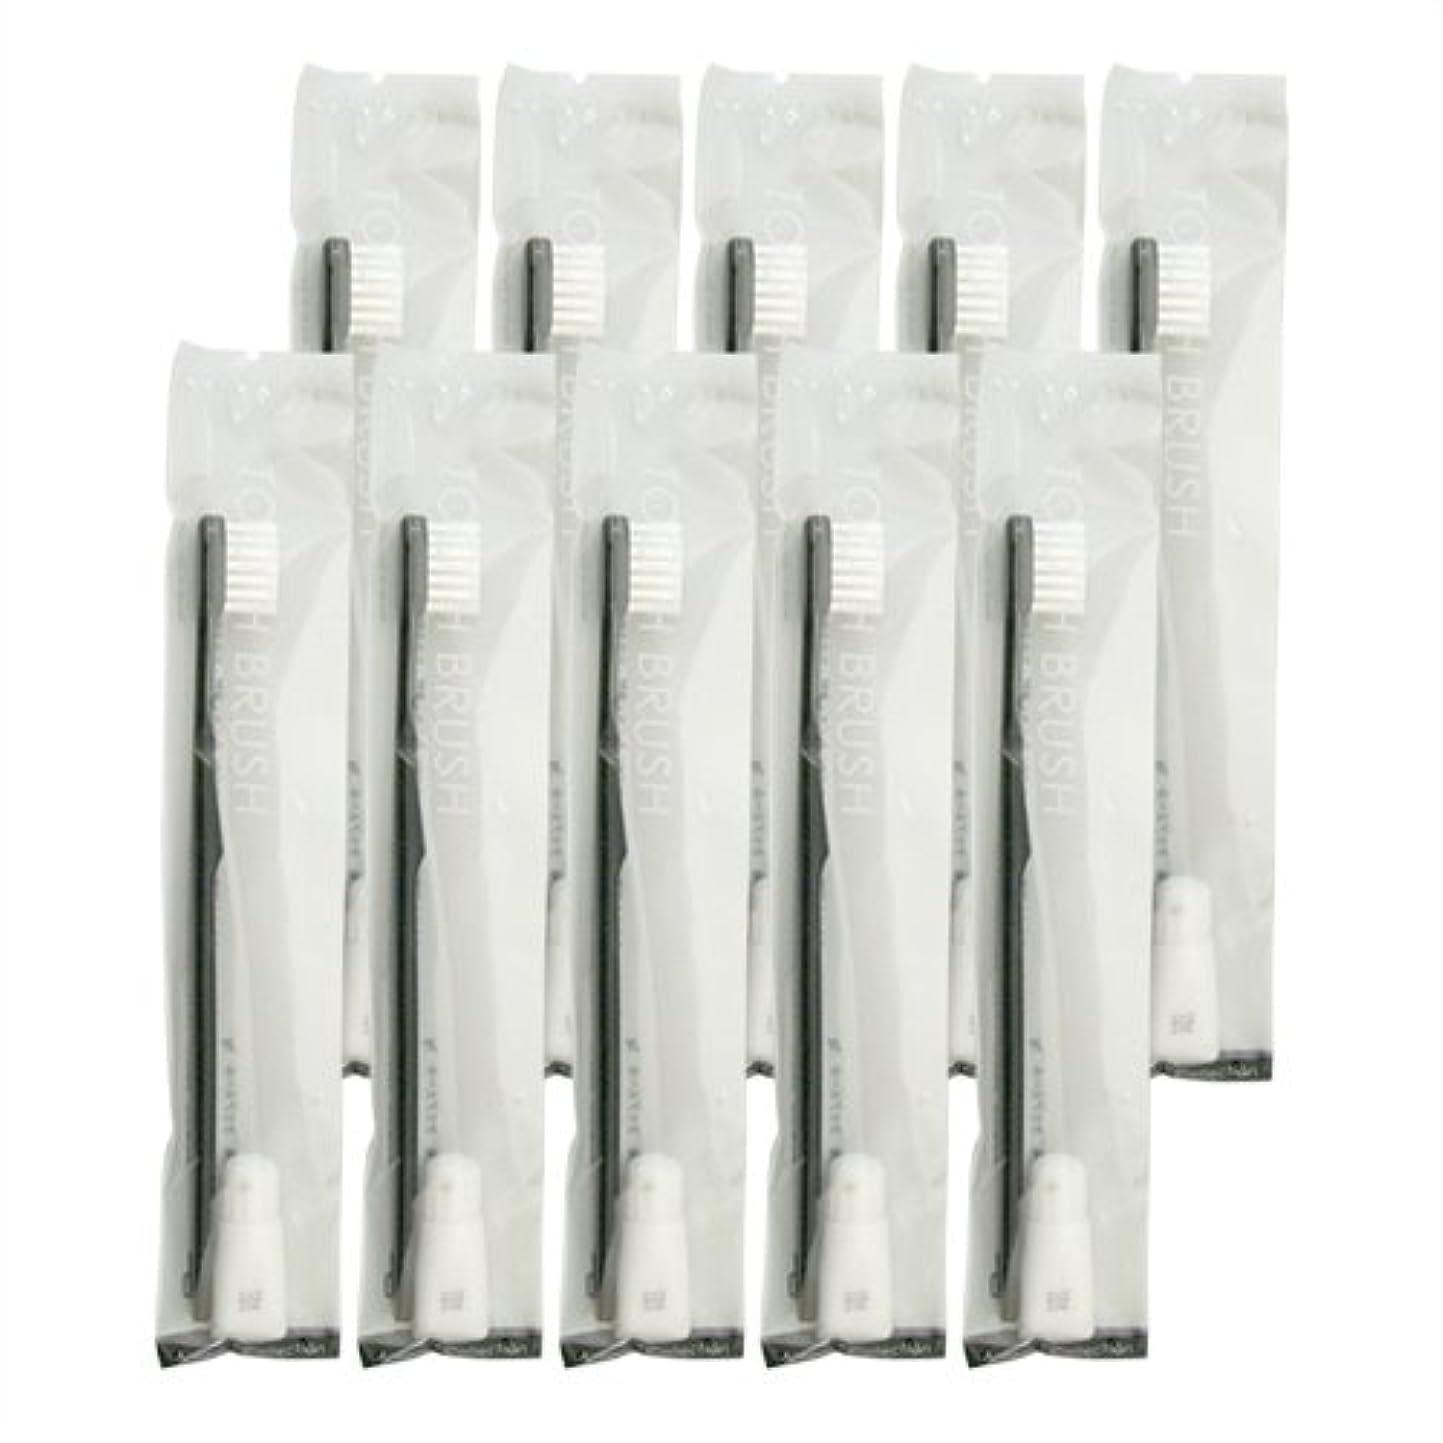 ハドル熱望するピック業務用 使い捨て歯ブラシ チューブ歯磨き粉(3g)付き ブラック 10本セット│ホテルアメニティ 個包装タイプ